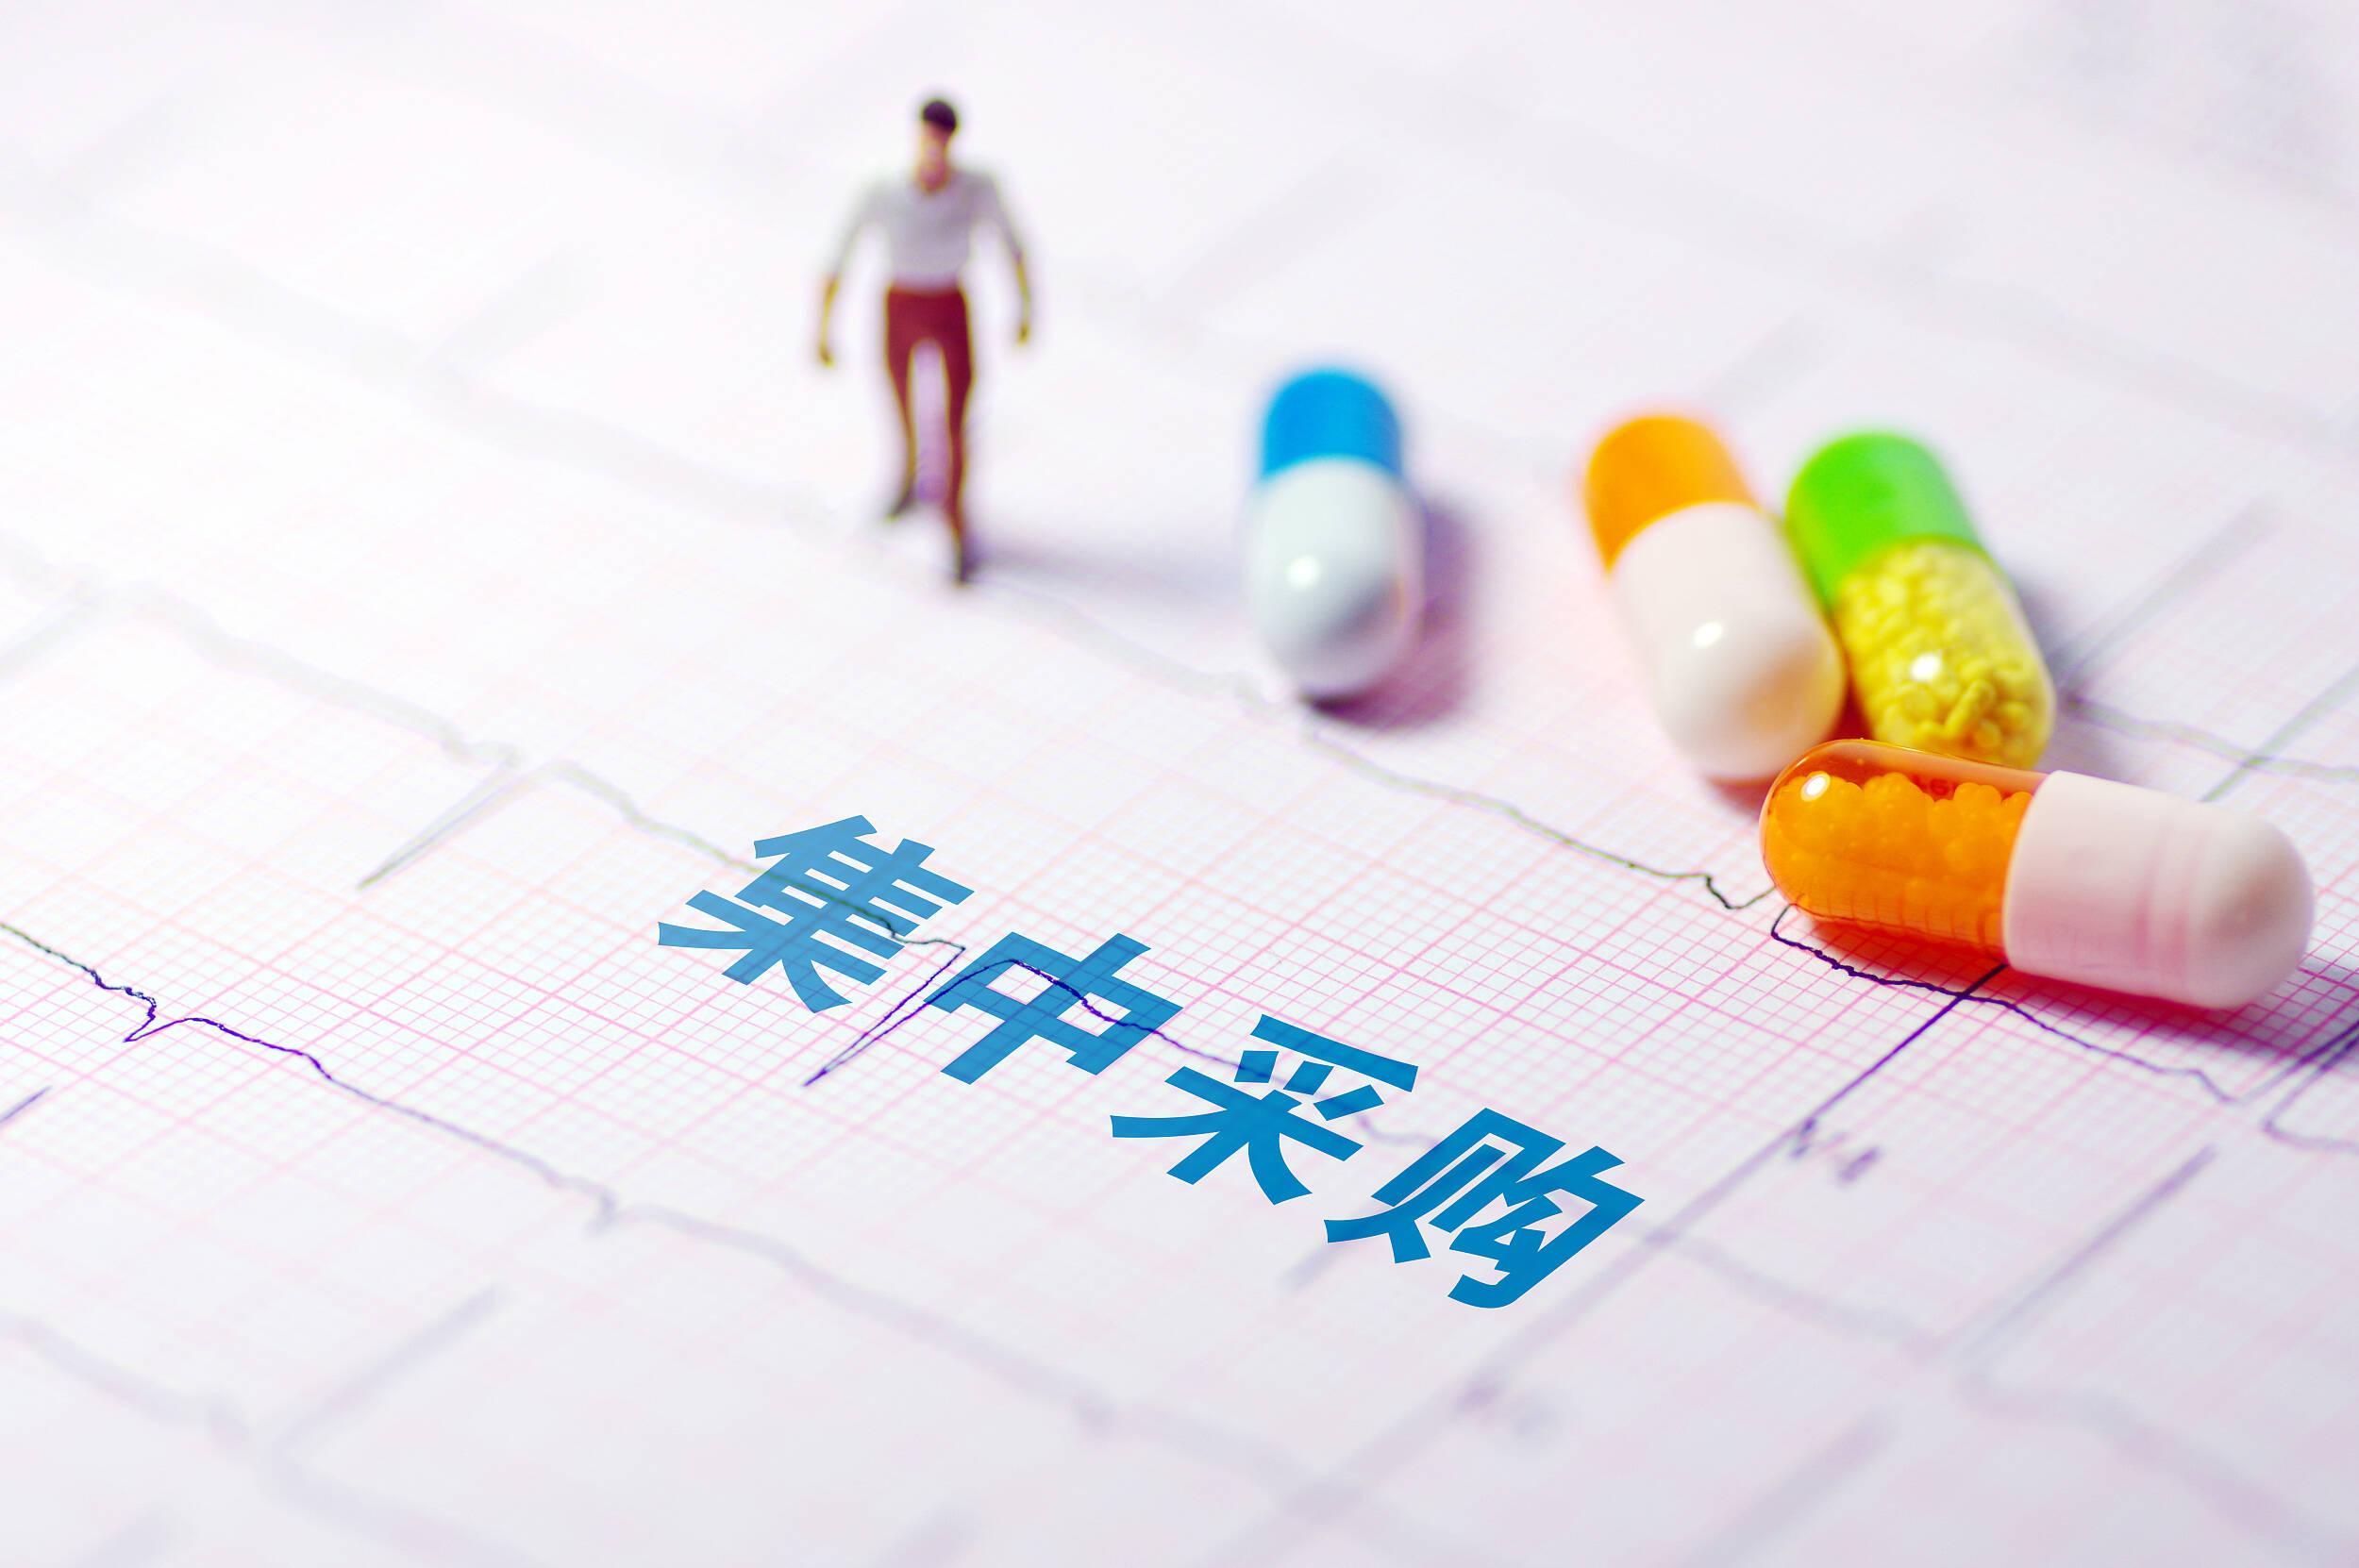 最高降价98.3%,平均降价56%!15日起第五批国家集采中选药品将在山东向患者销售